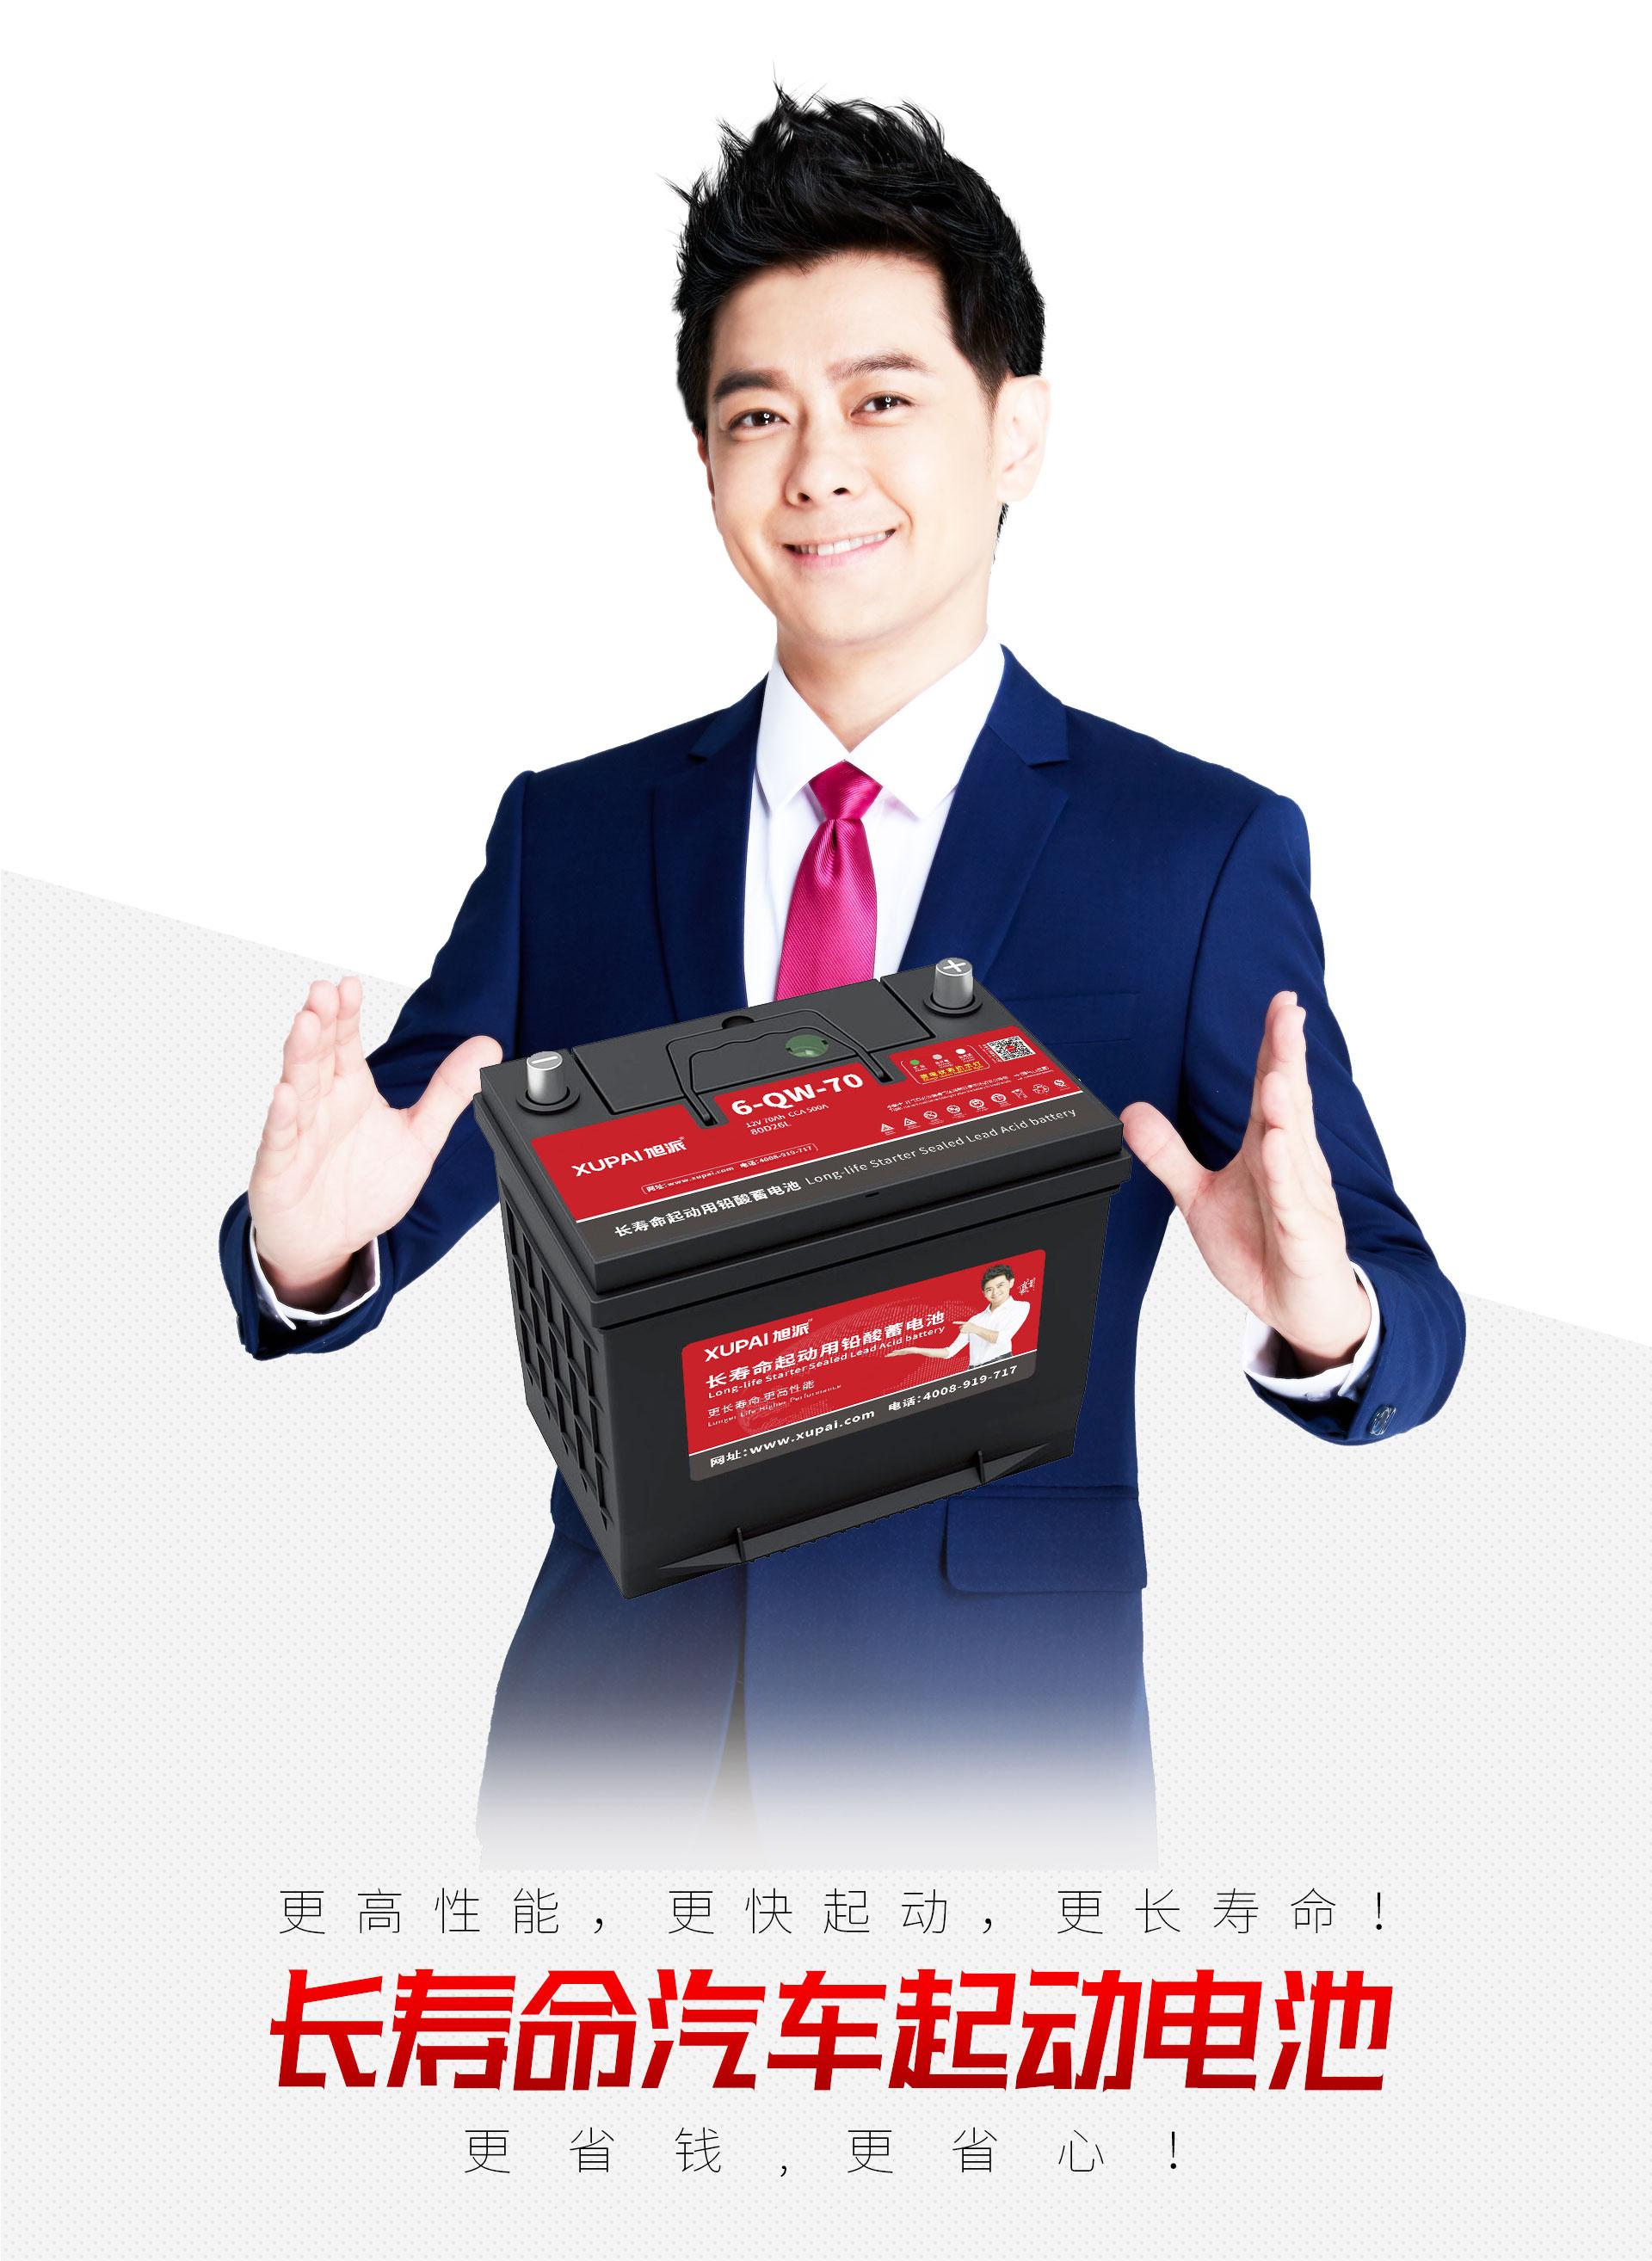 旭派电池|电动车电池|价格|批发|排行榜|厂家|电瓶车电瓶|ups电源电池|汽车电瓶|叉车电瓶|储能电池